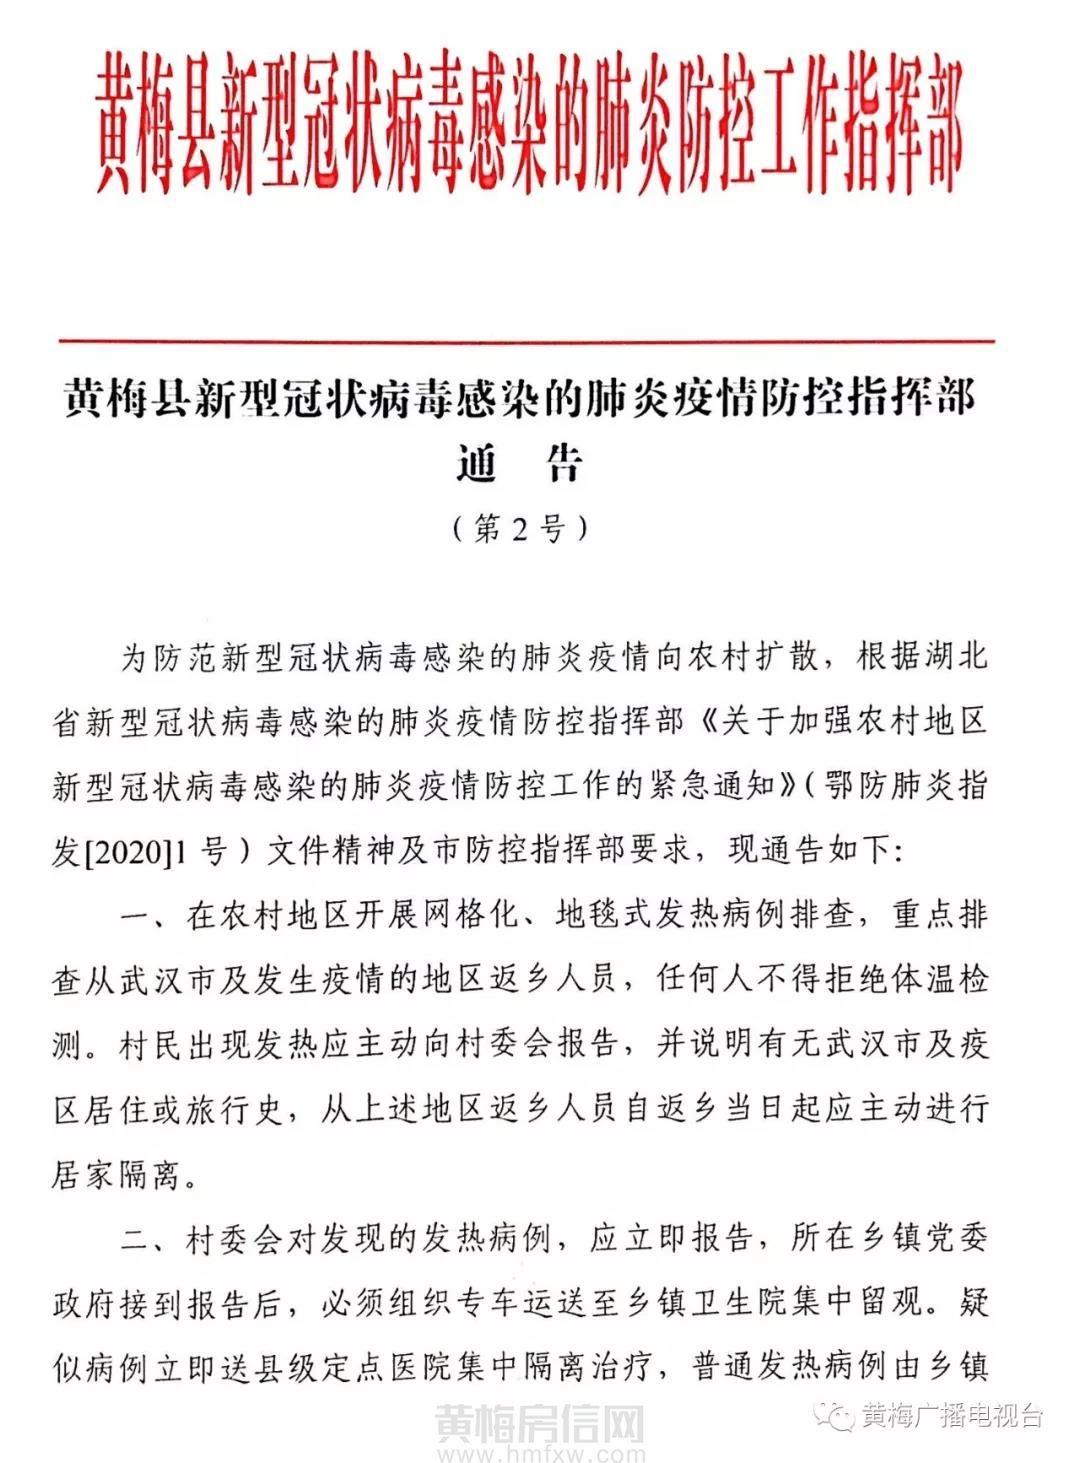 【特別關注】黃梅縣新型冠狀病毒感染的肺炎疫情防控指揮部通告(第2號)